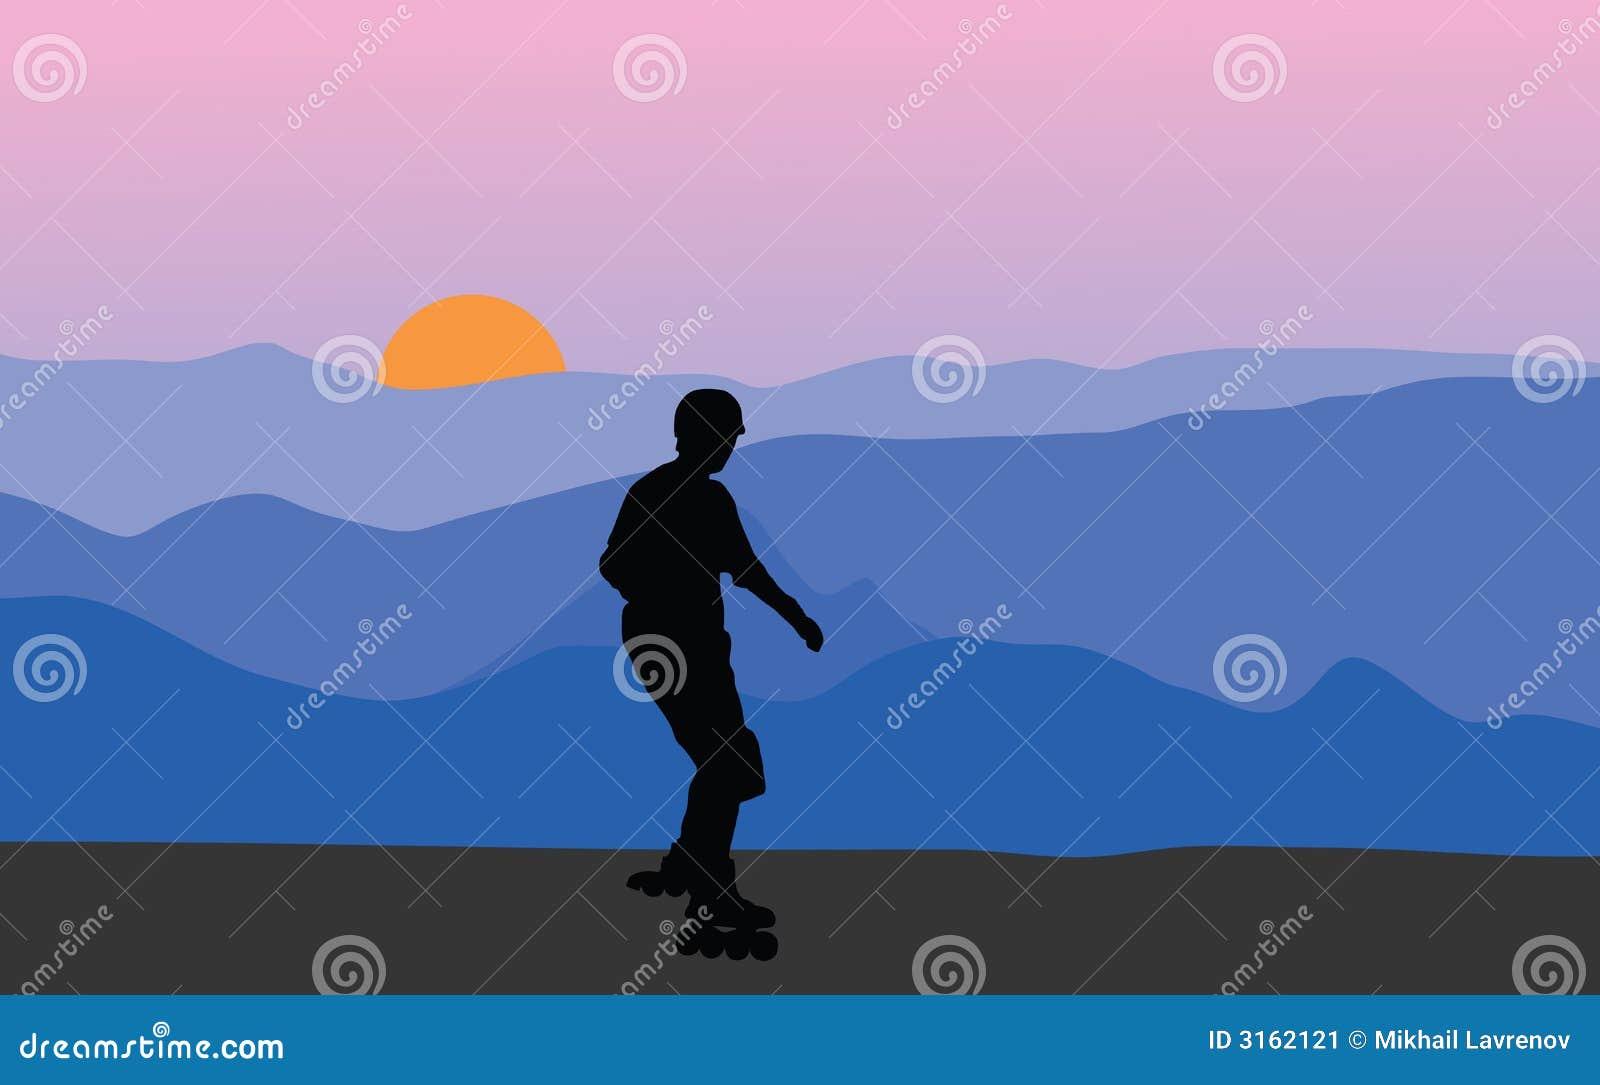 Roller skater at sunset